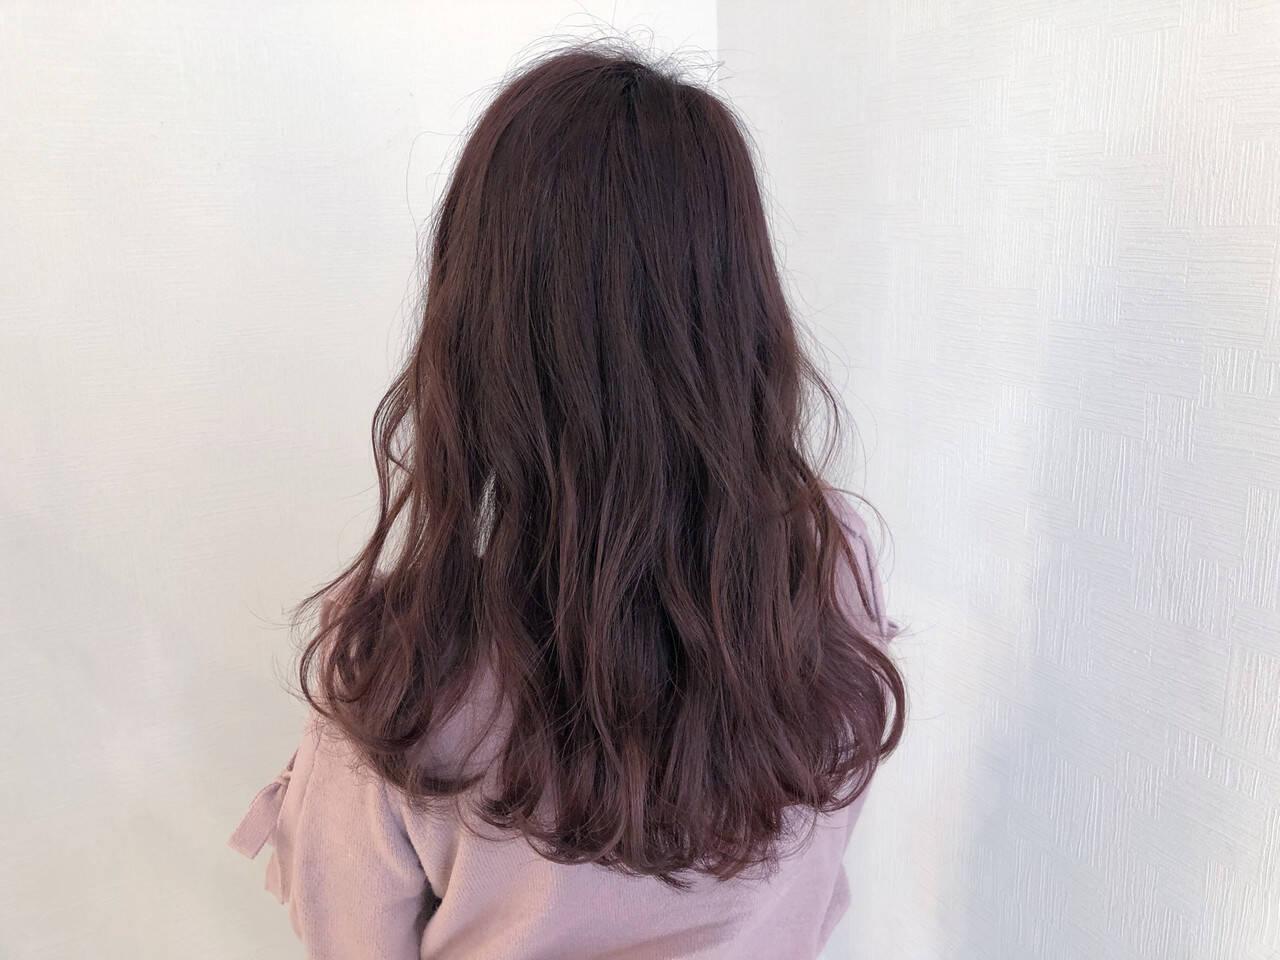 セミロング 簡単ヘアアレンジ ピンクラベンダー ピンクベージュヘアスタイルや髪型の写真・画像